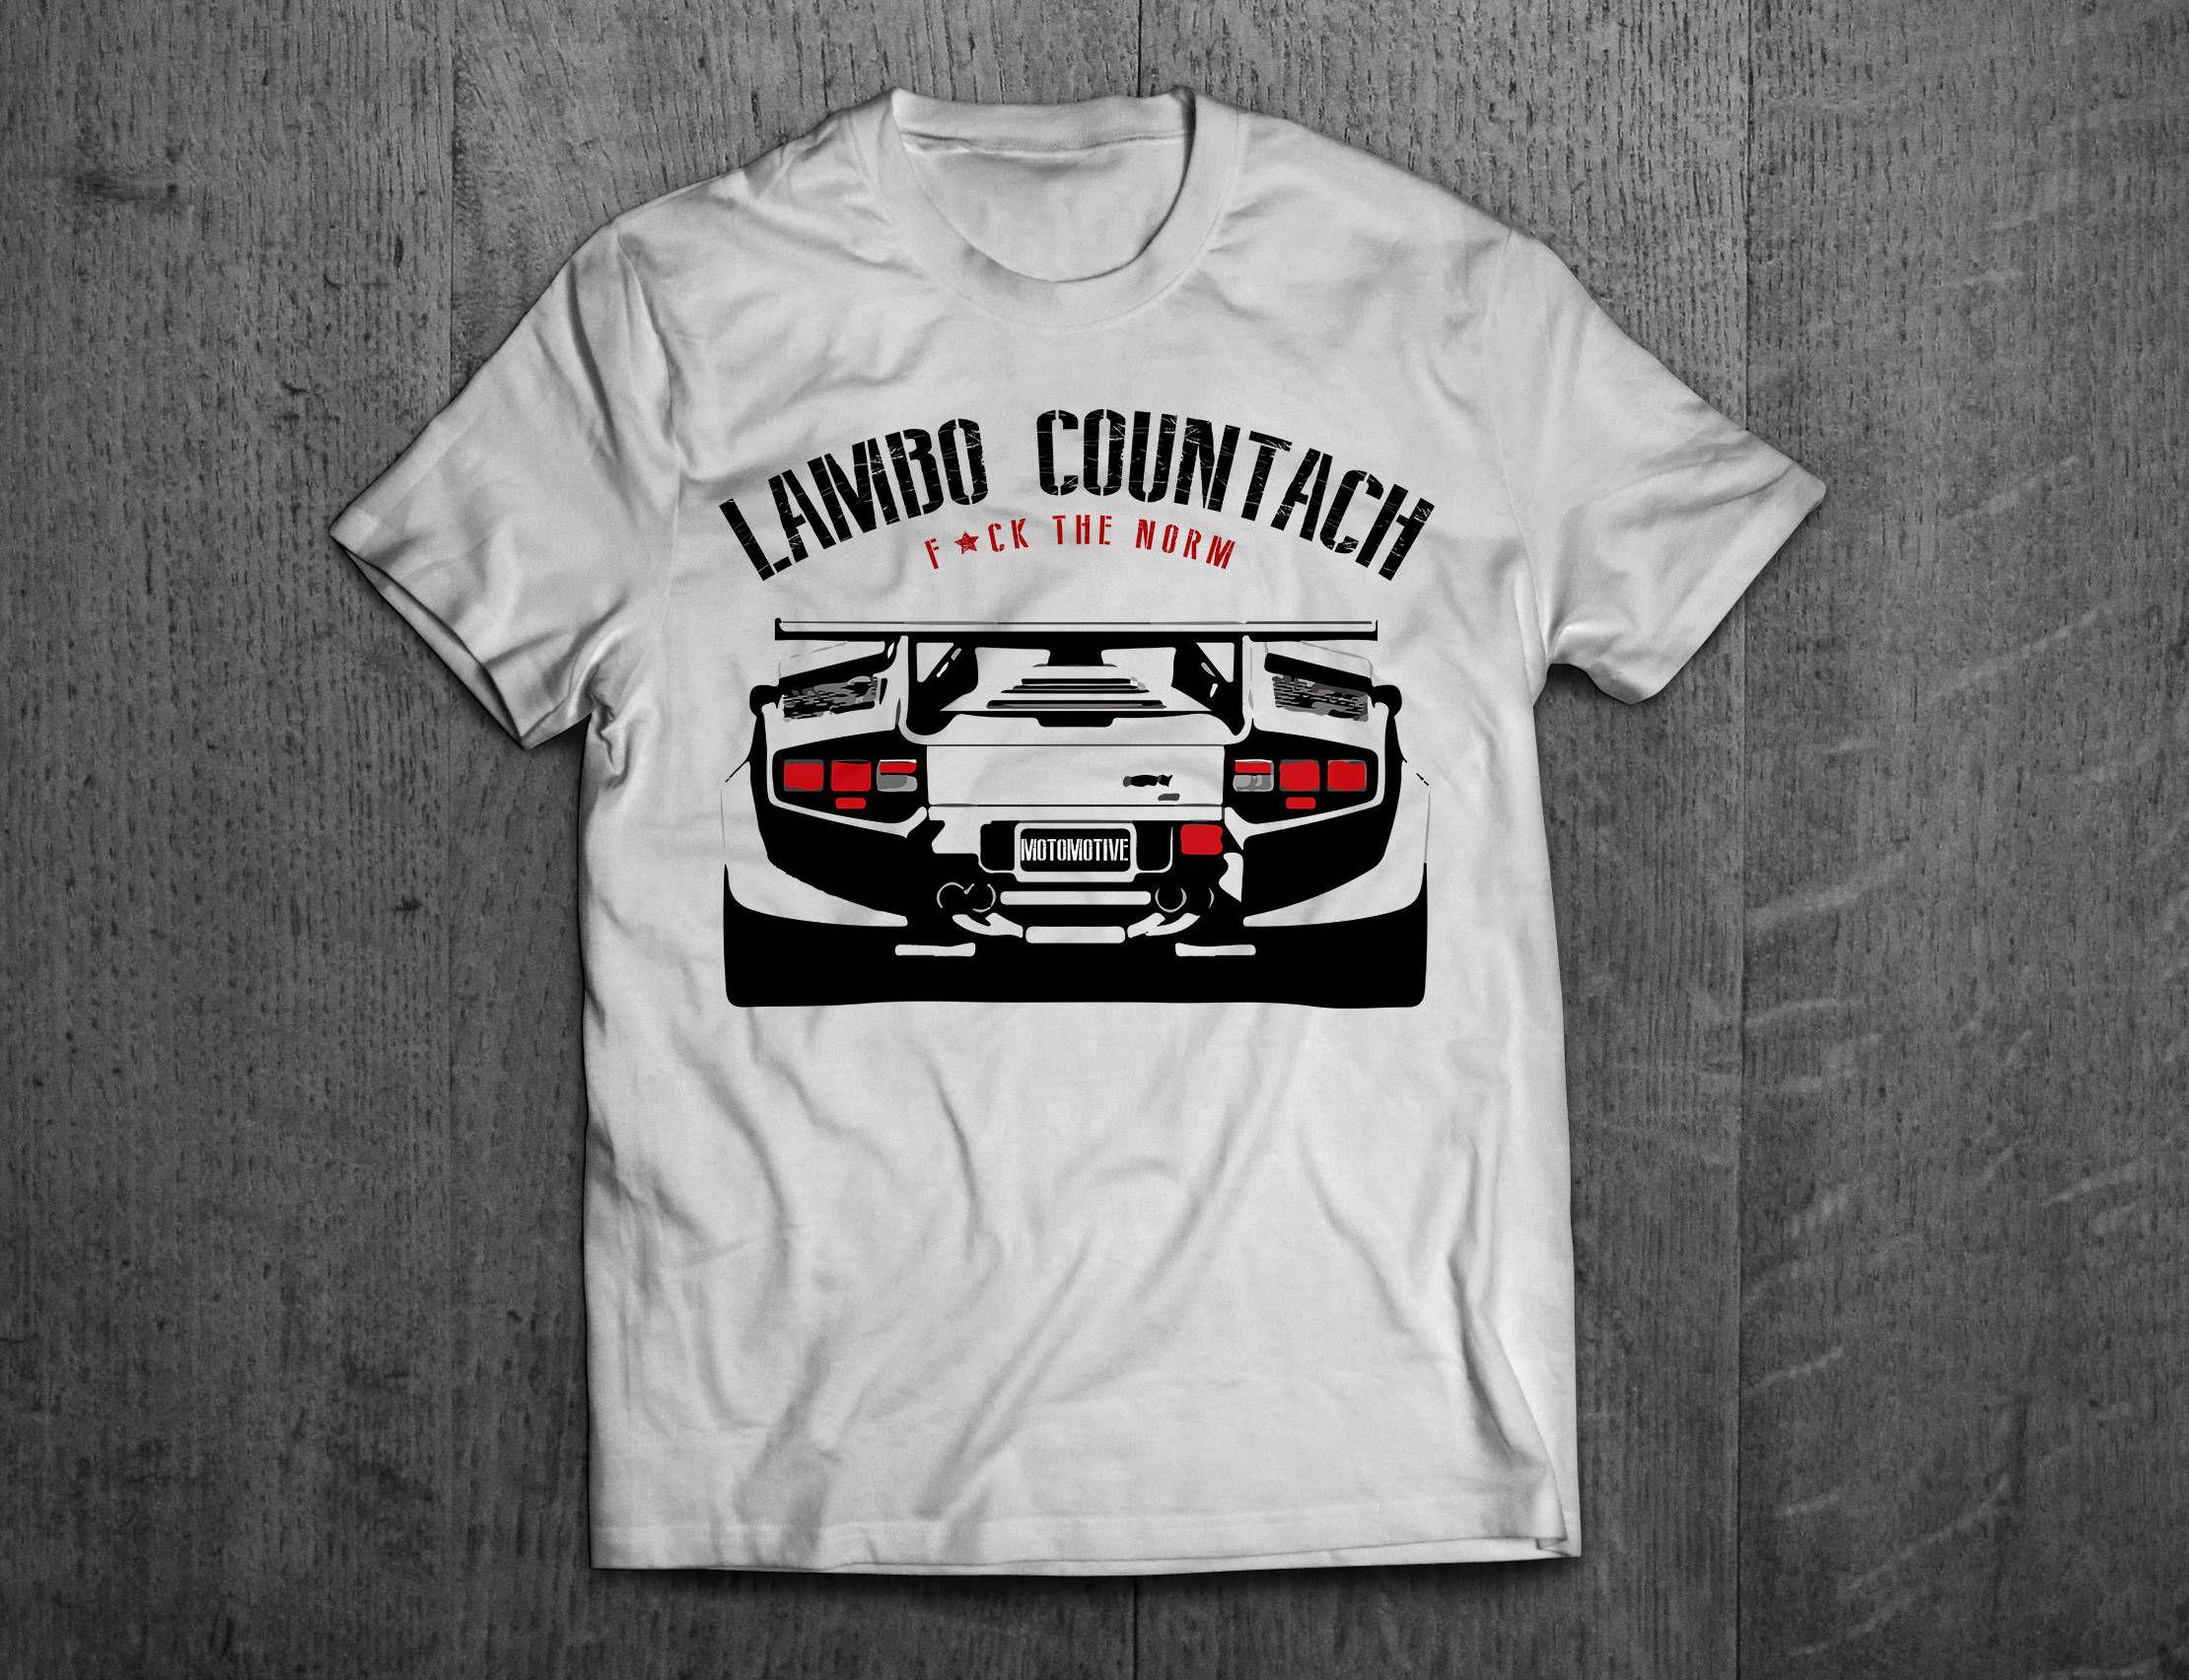 Delightful Lamborghini Shirts, Lamborghini Countach Shirts, Lambo T Shirts, Men Tshirts,  Women T